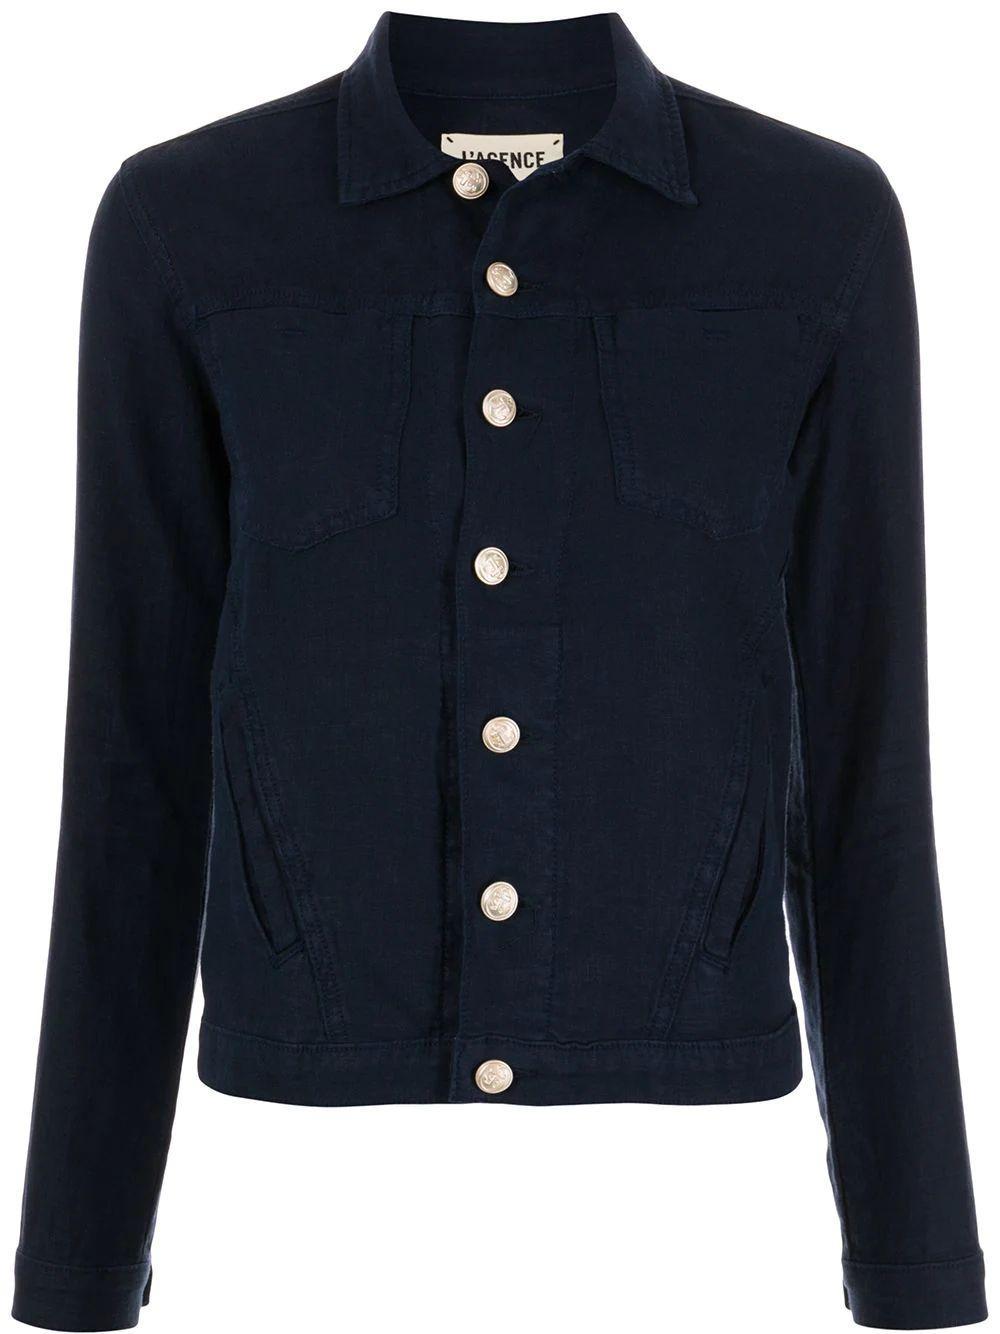 Celine Jacket Item # 1321FLI